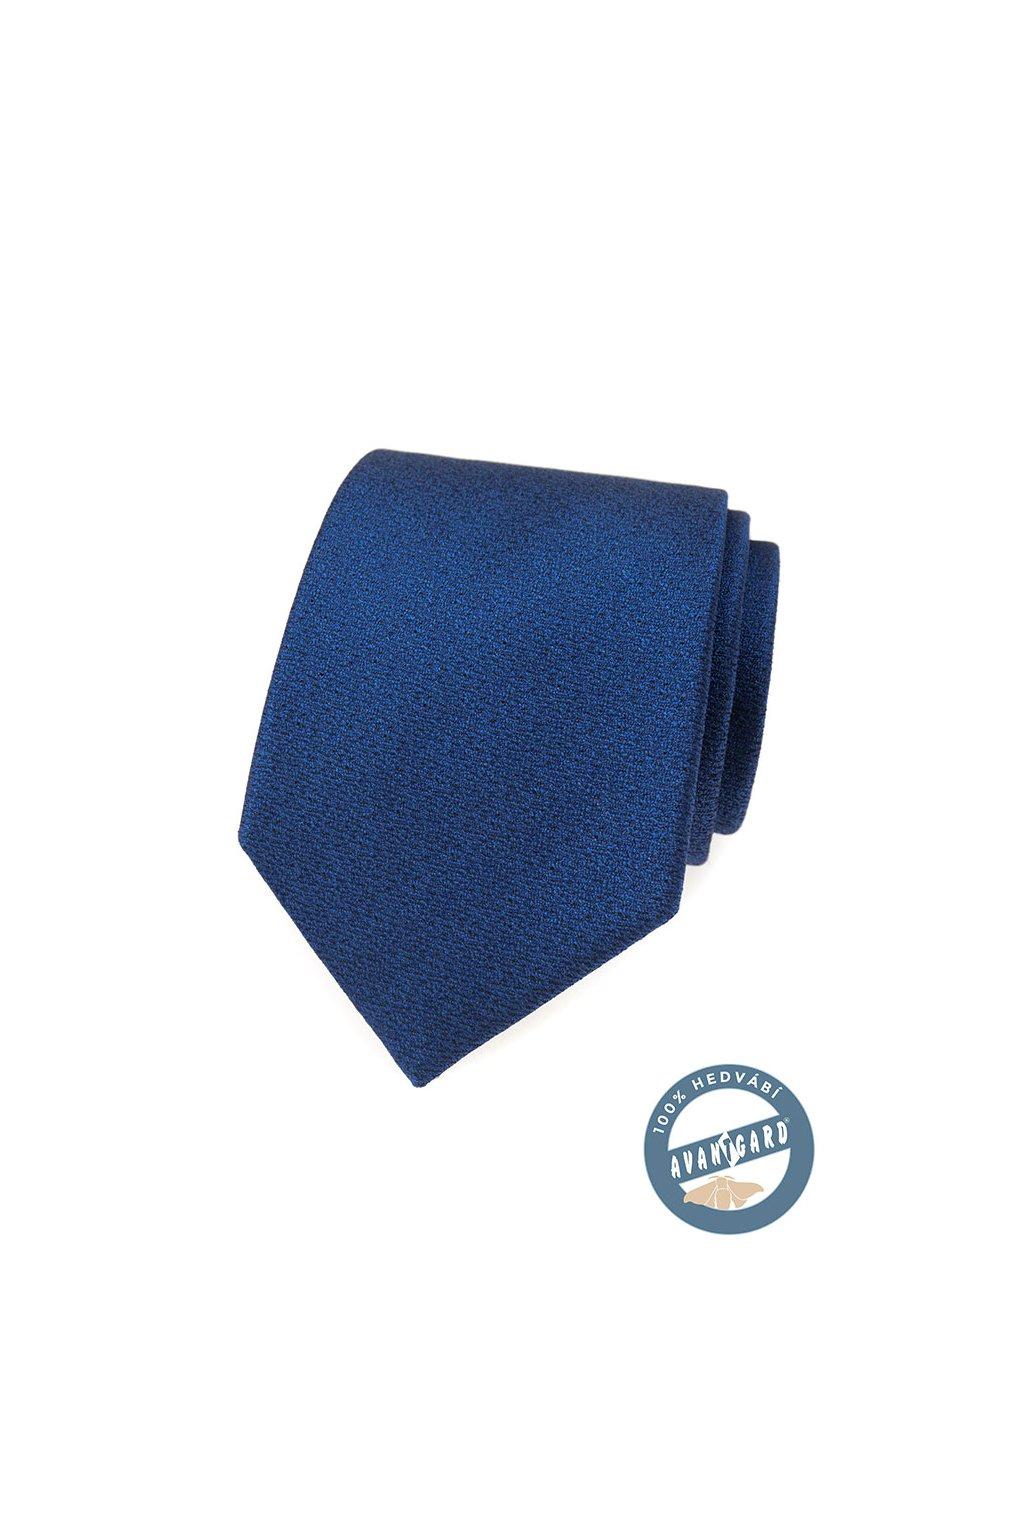 Modrá hedvábná kravata 621 - 7742